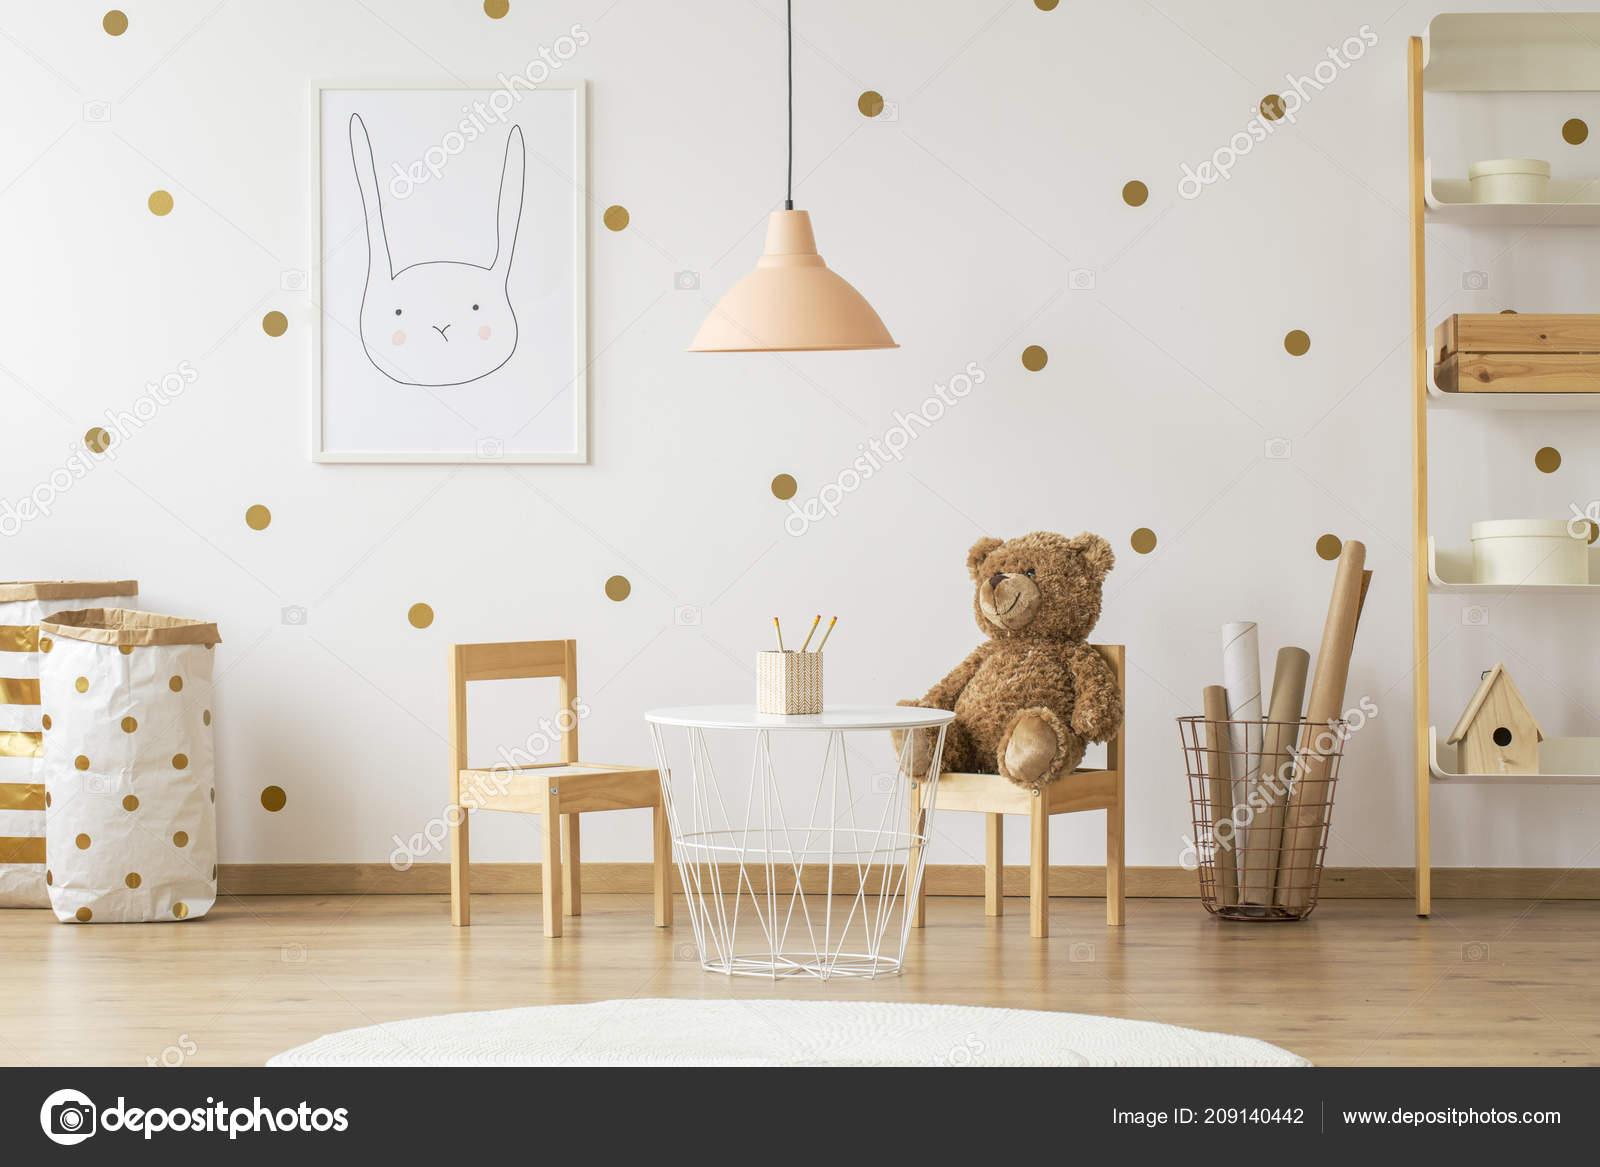 676b6674f18 Αρκουδάκι σε ξύλινη καρέκλα δίπλα σε πίνακα στο χρυσό παιδικό δωμάτιο  εσωτερικό με λάμπα και αφίσα. Πραγματική φωτογραφία — Εικόνα από ...